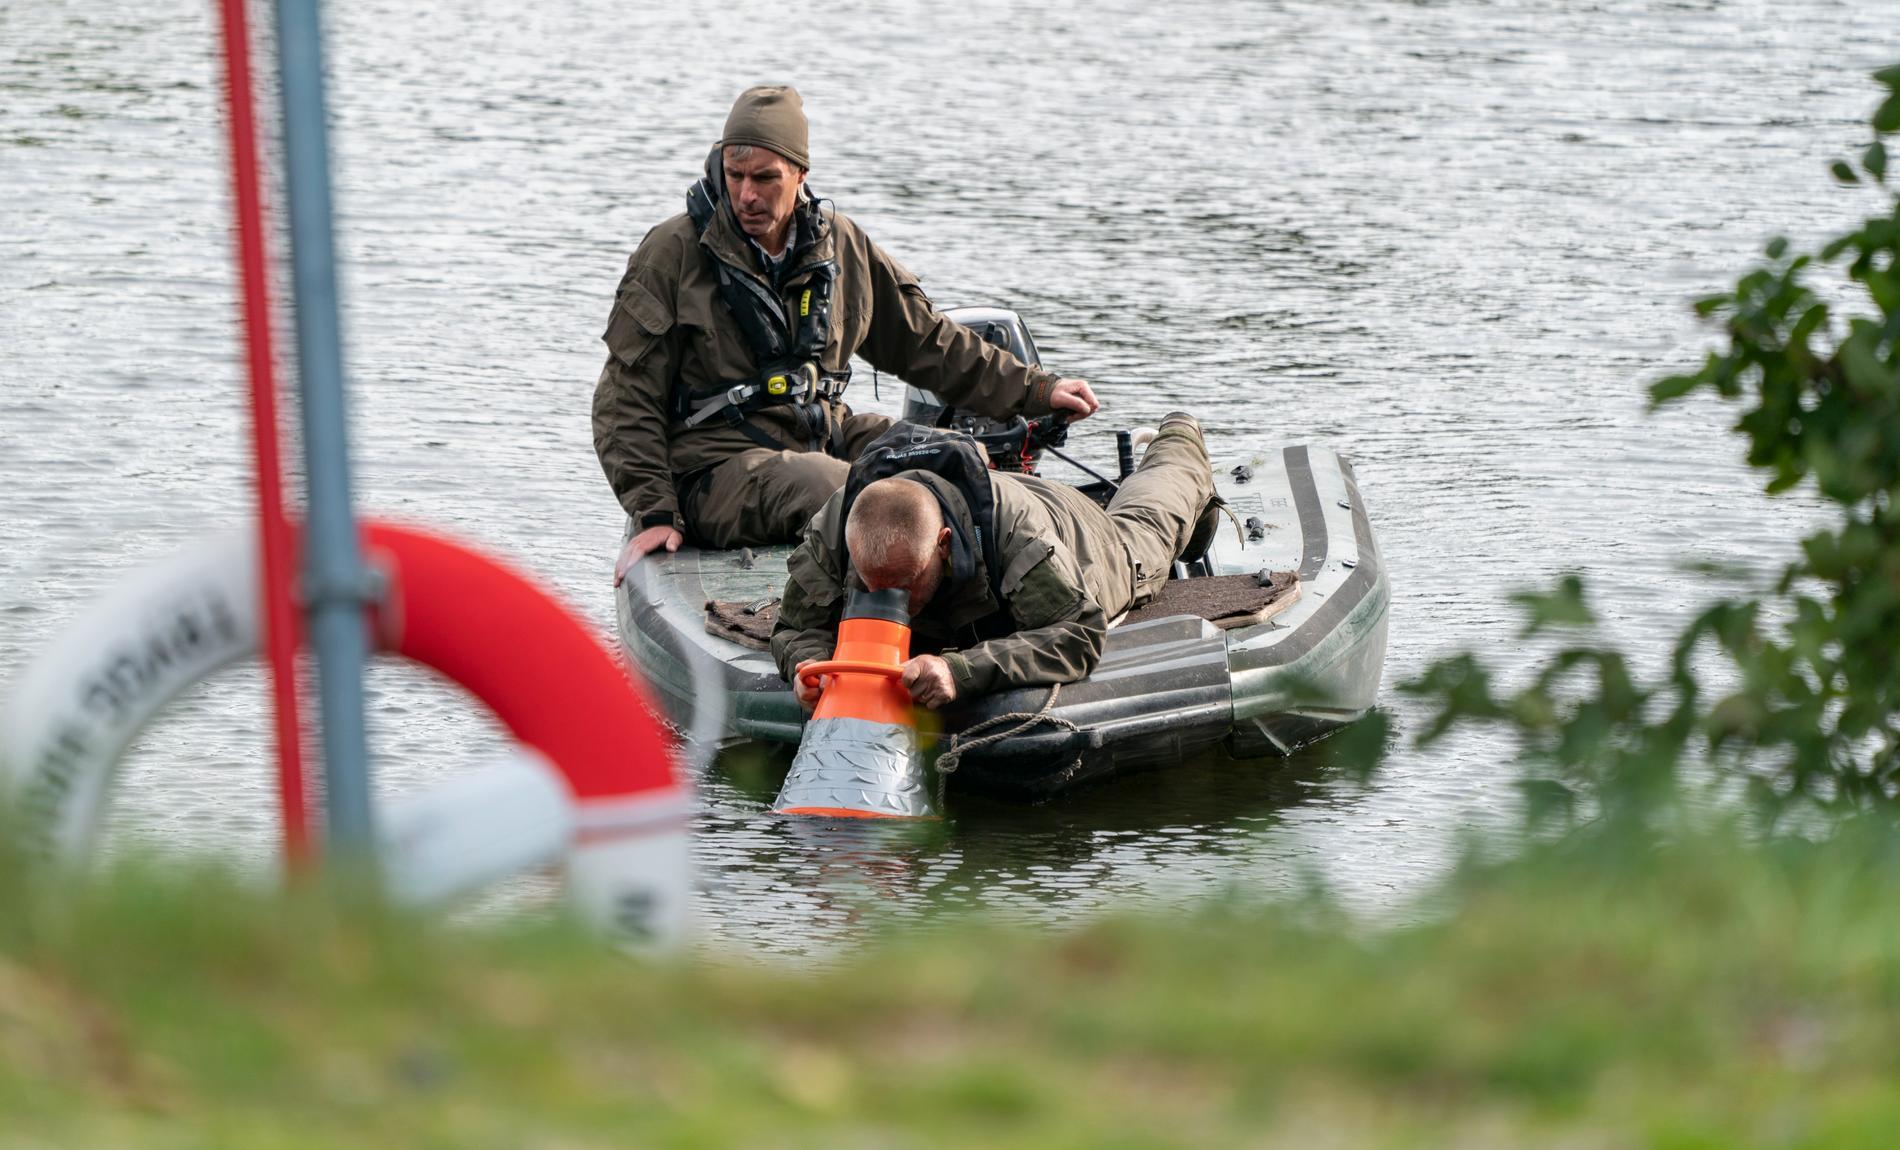 Polisen söker av en damm utanför Oxie som varit avspärrad sedan måndagseftermiddagen. Polisens kriminaltekniker och hundförare finns på plats tillsammans med helikopter och ett stort antal polispatruller.